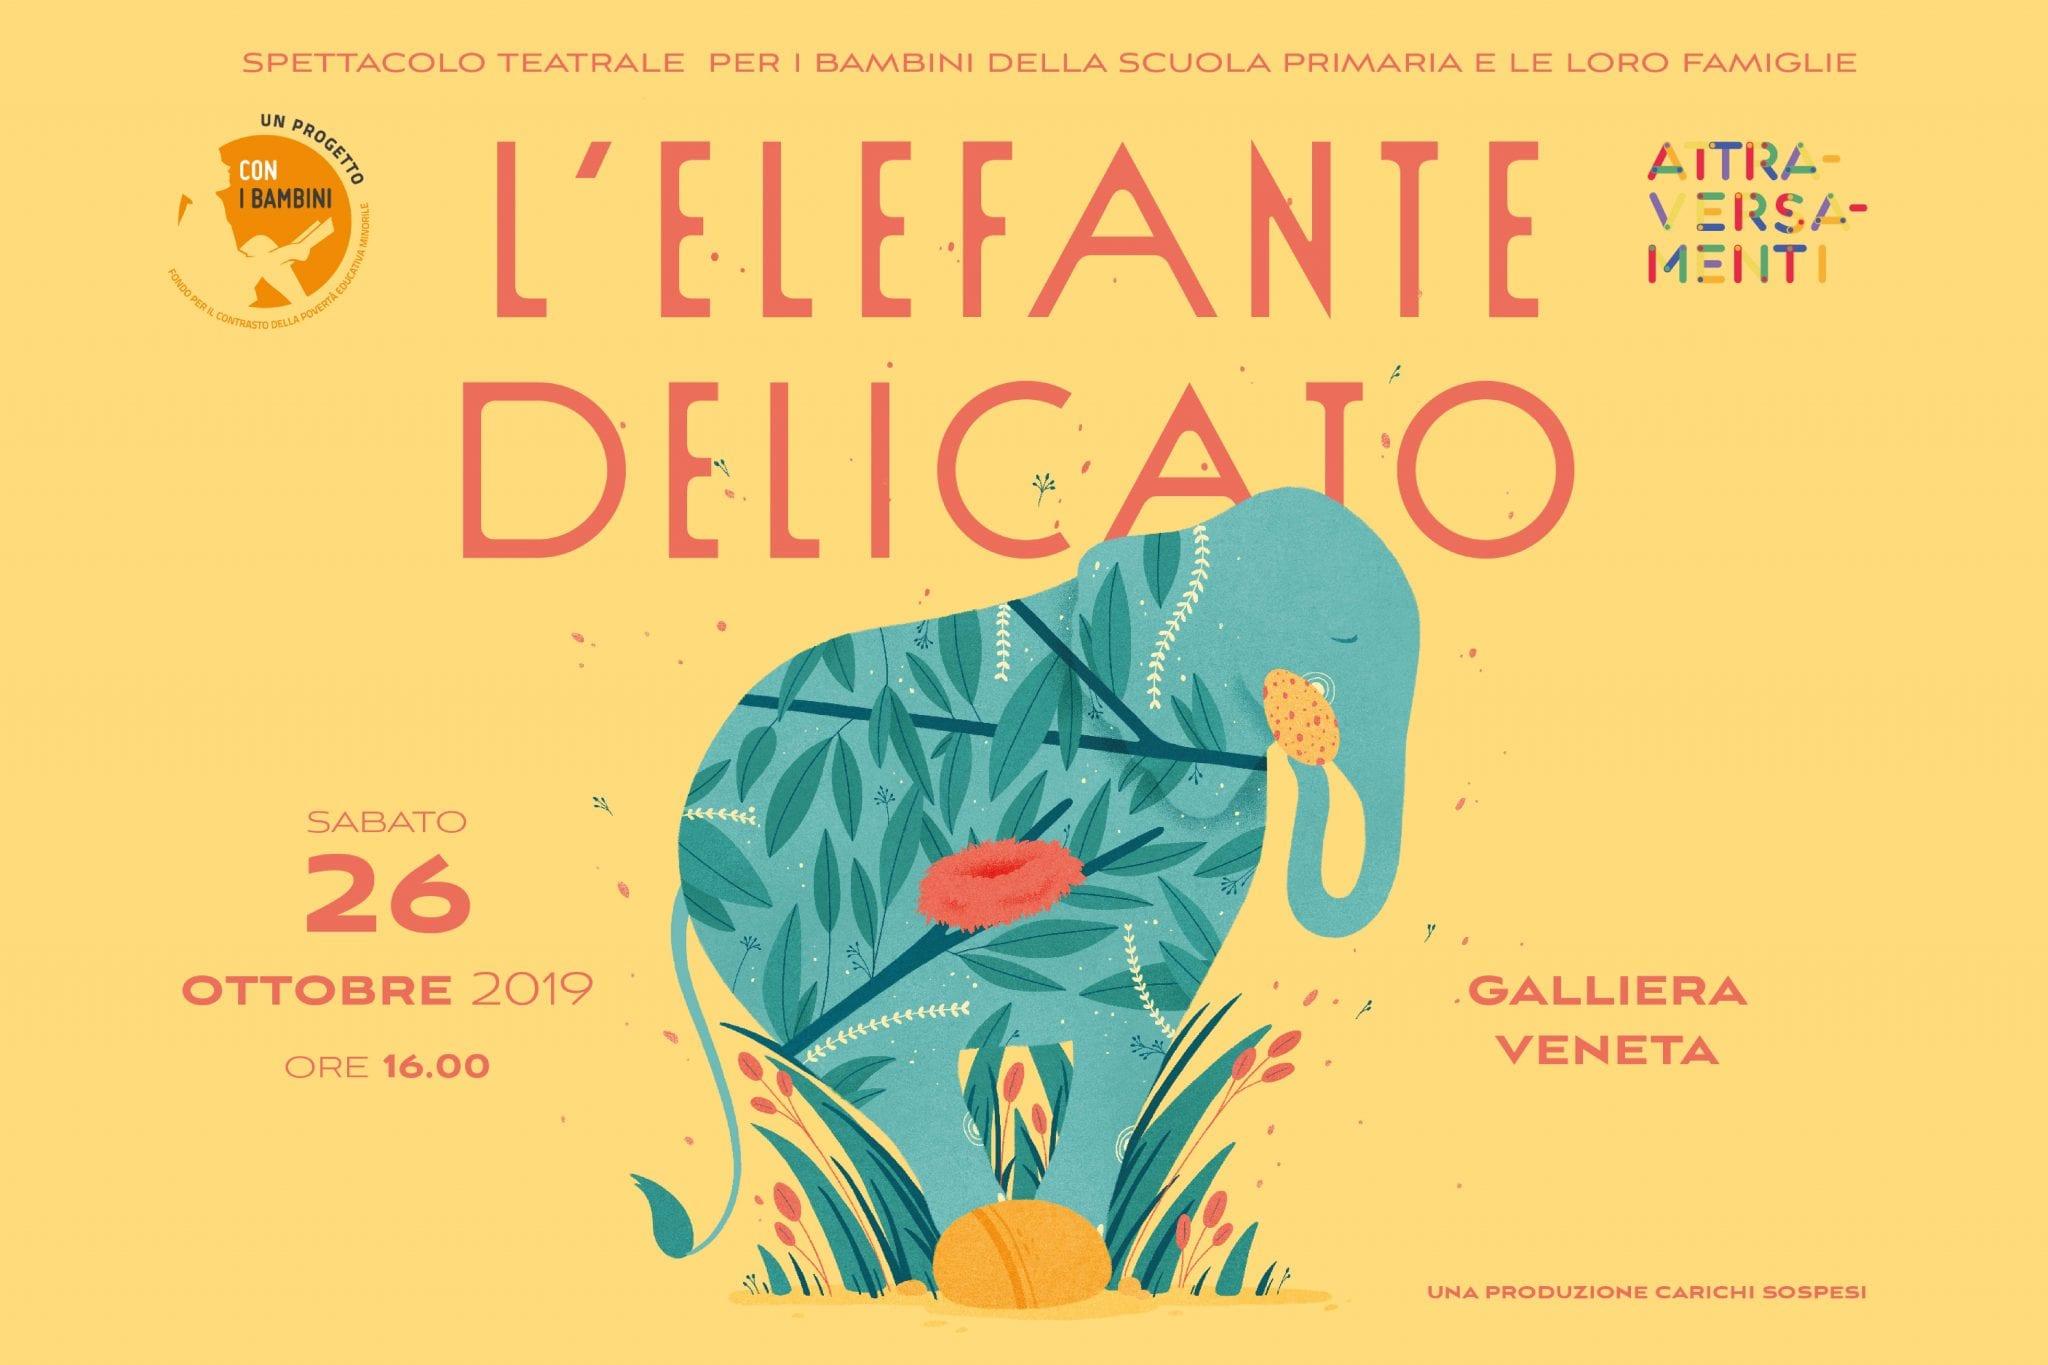 Elefante delicato-post 2-min